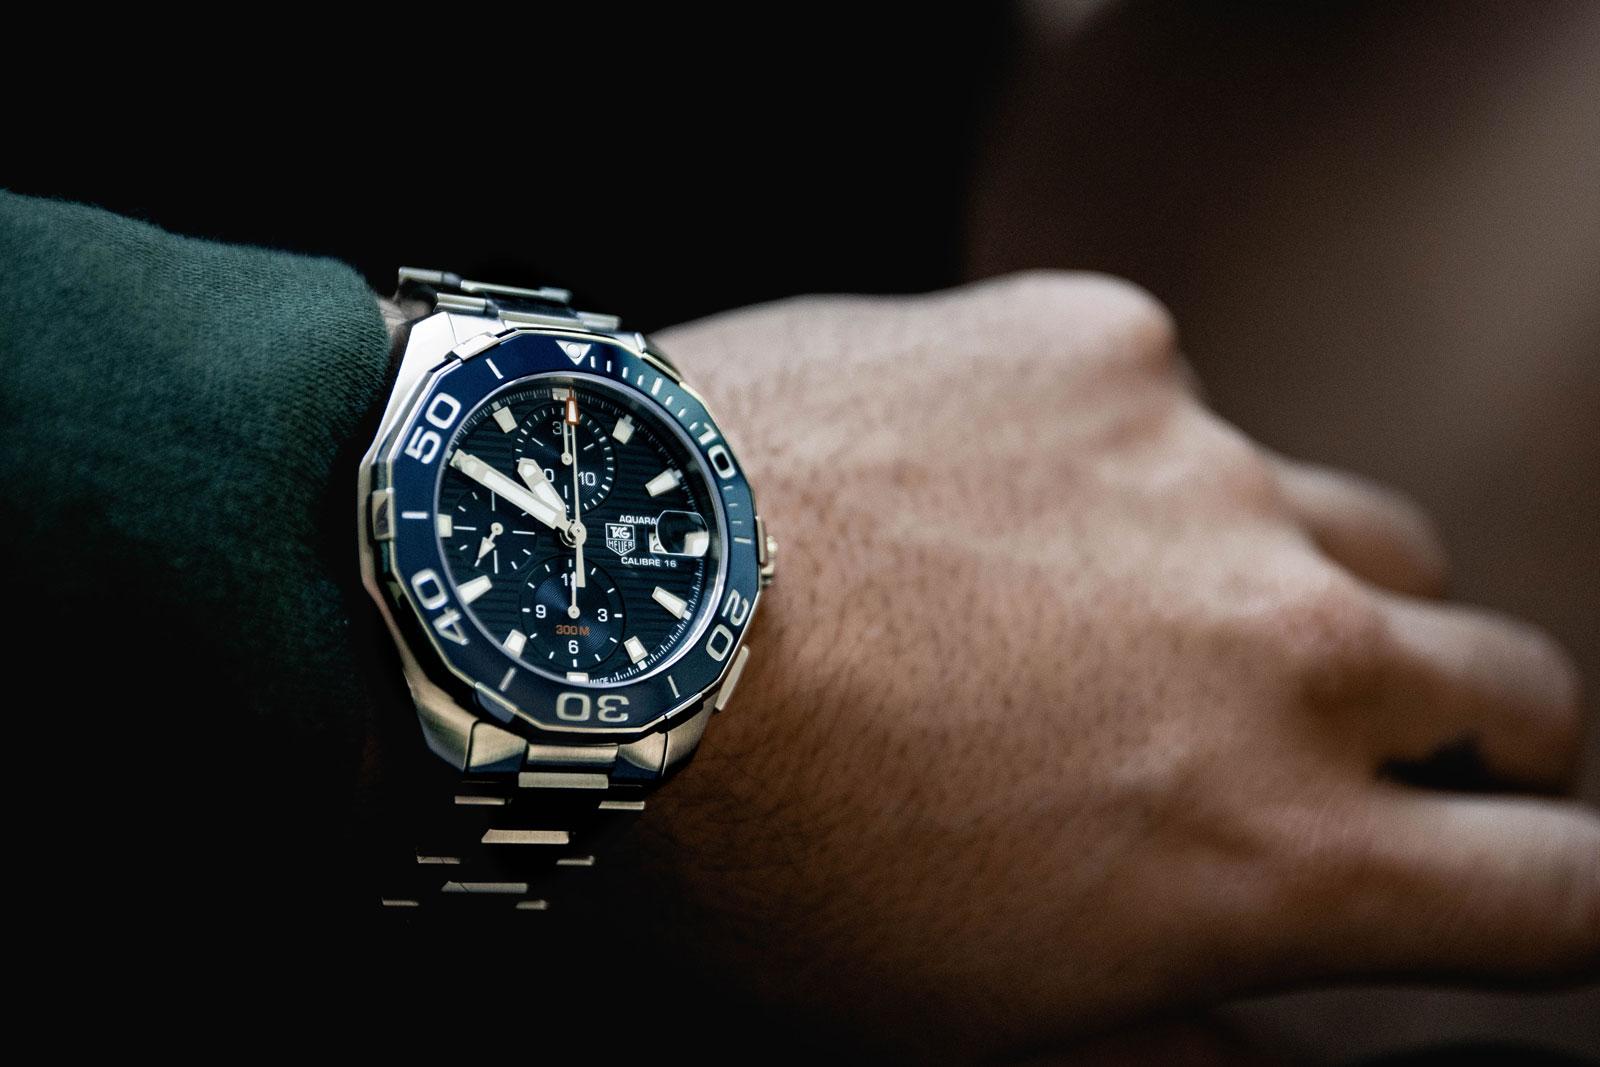 Vente en ligne, les marques horlogères de luxe investissent dans le social shopping